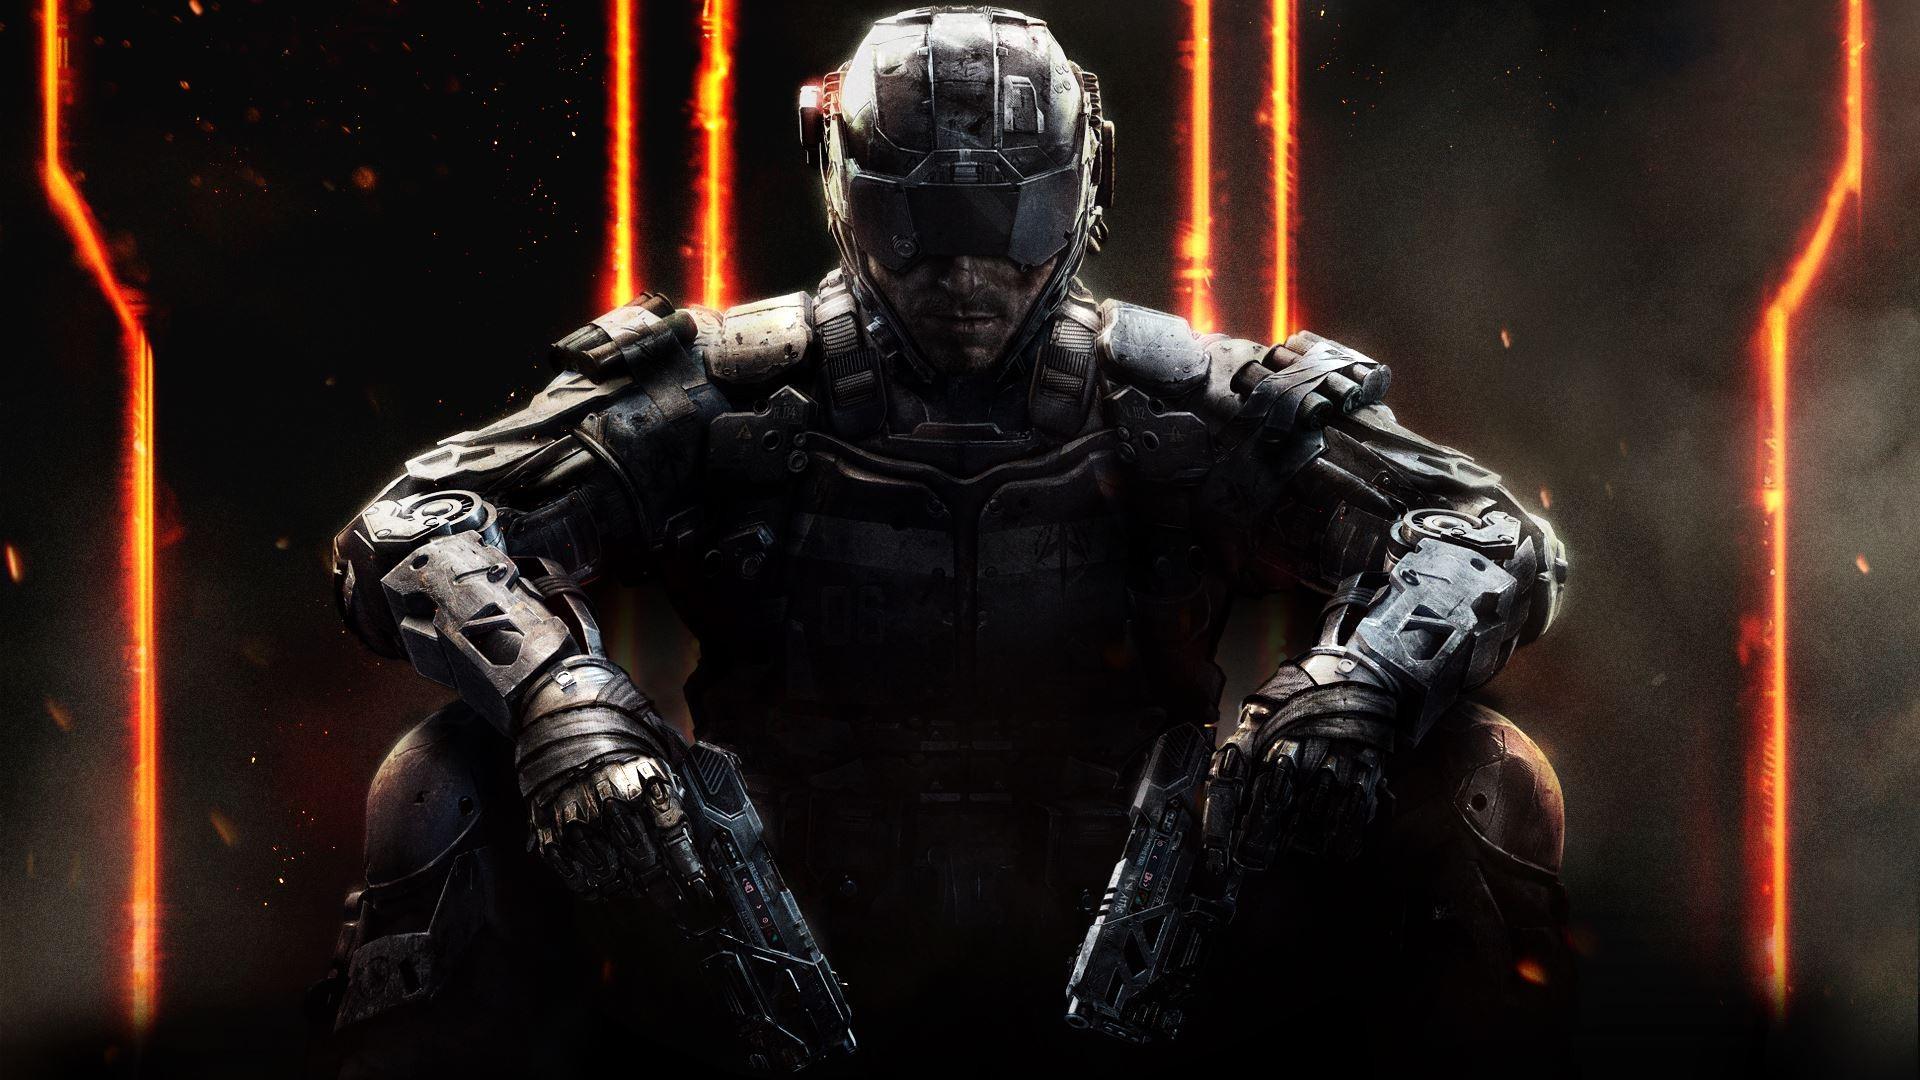 20 Fondos de Call of Duty Black Ops 3 Wallpaper HD 1920x1080